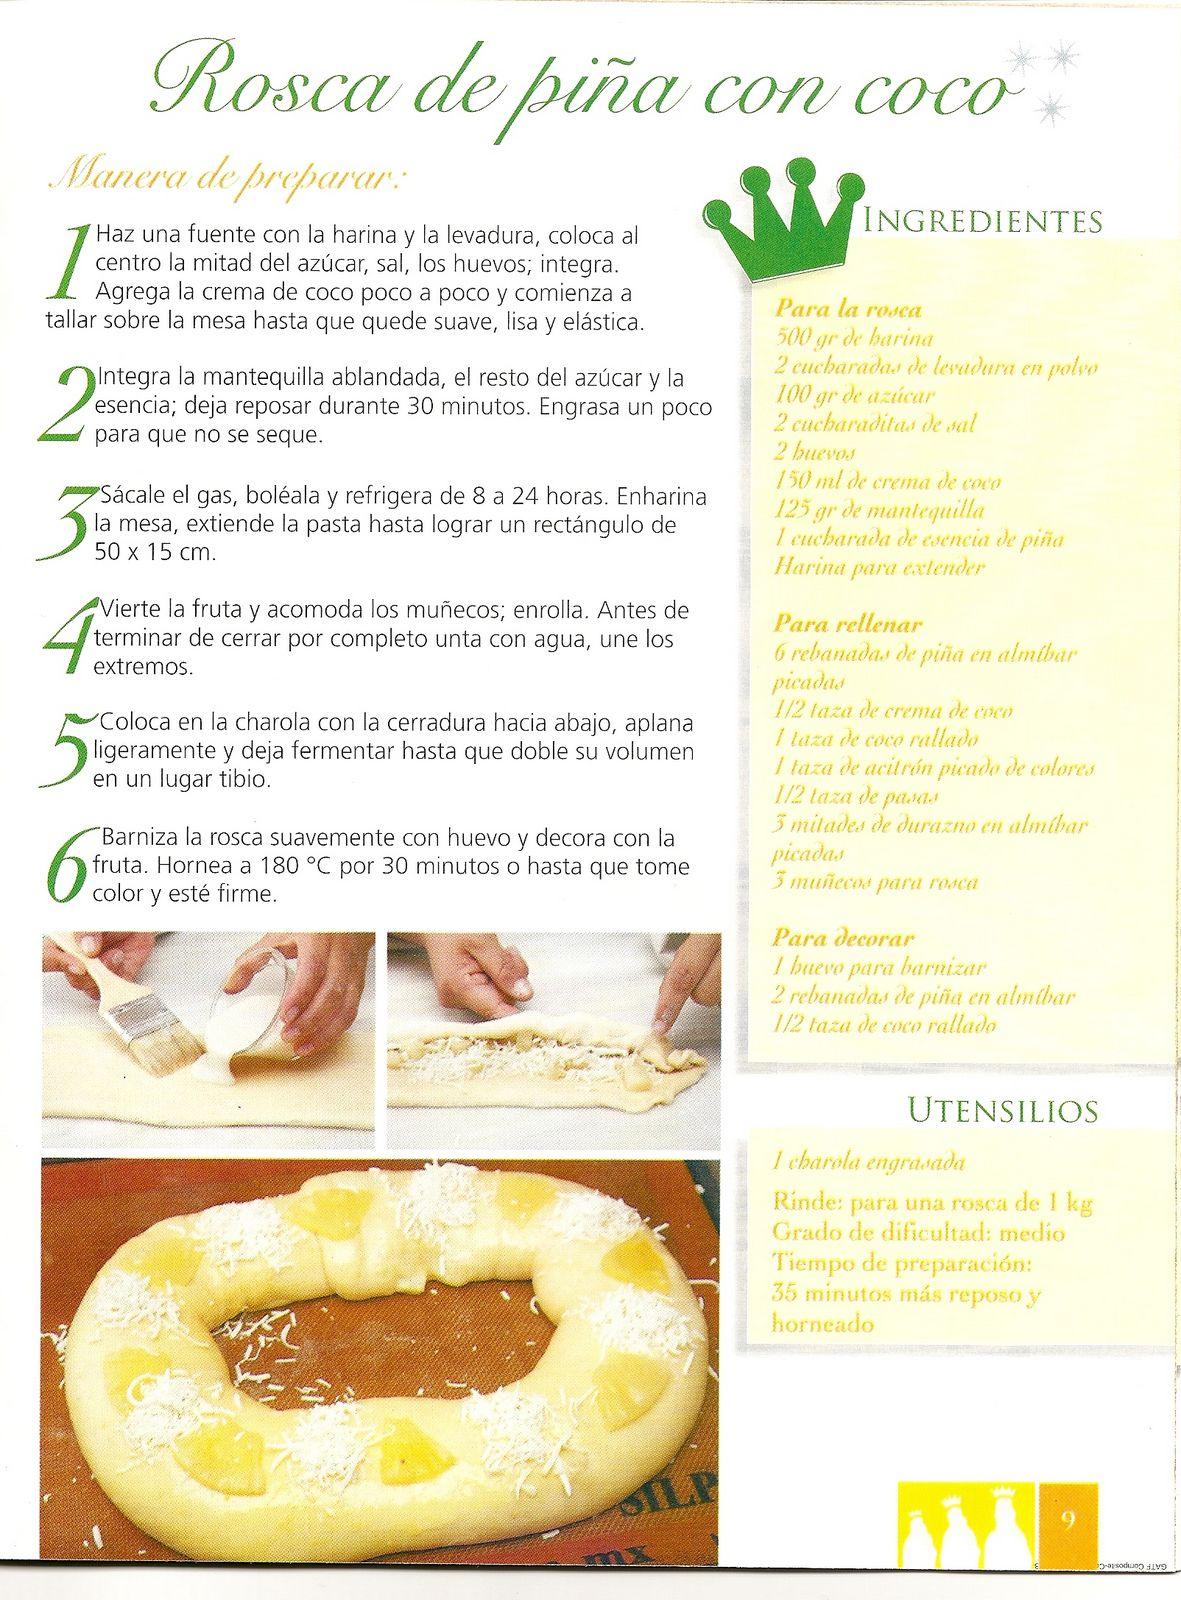 ROSCONES DE REYES: originales recetas paso a paso ...